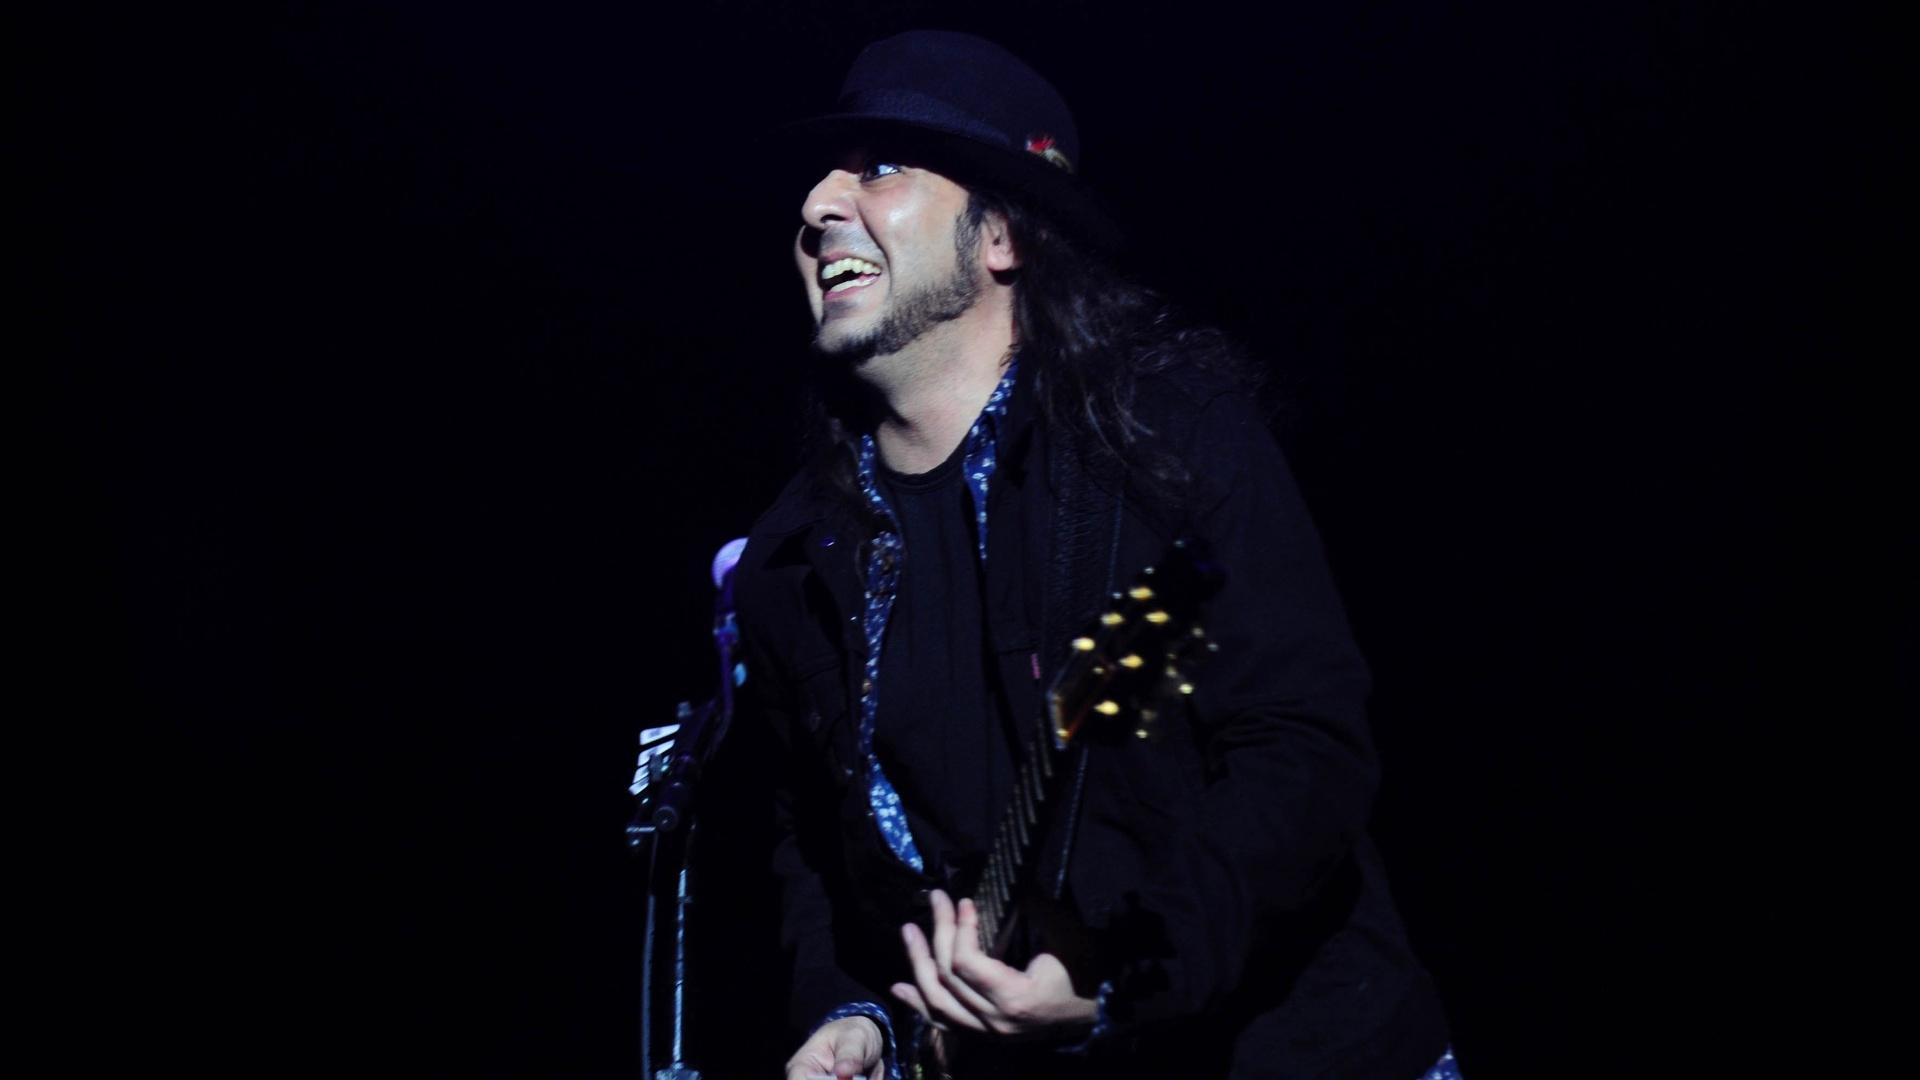 25.set.2015 - O guitarrista Daron Malakian da banda de metal americana System of a Down durante show que fez na Arena Anhembi, em São Paulo